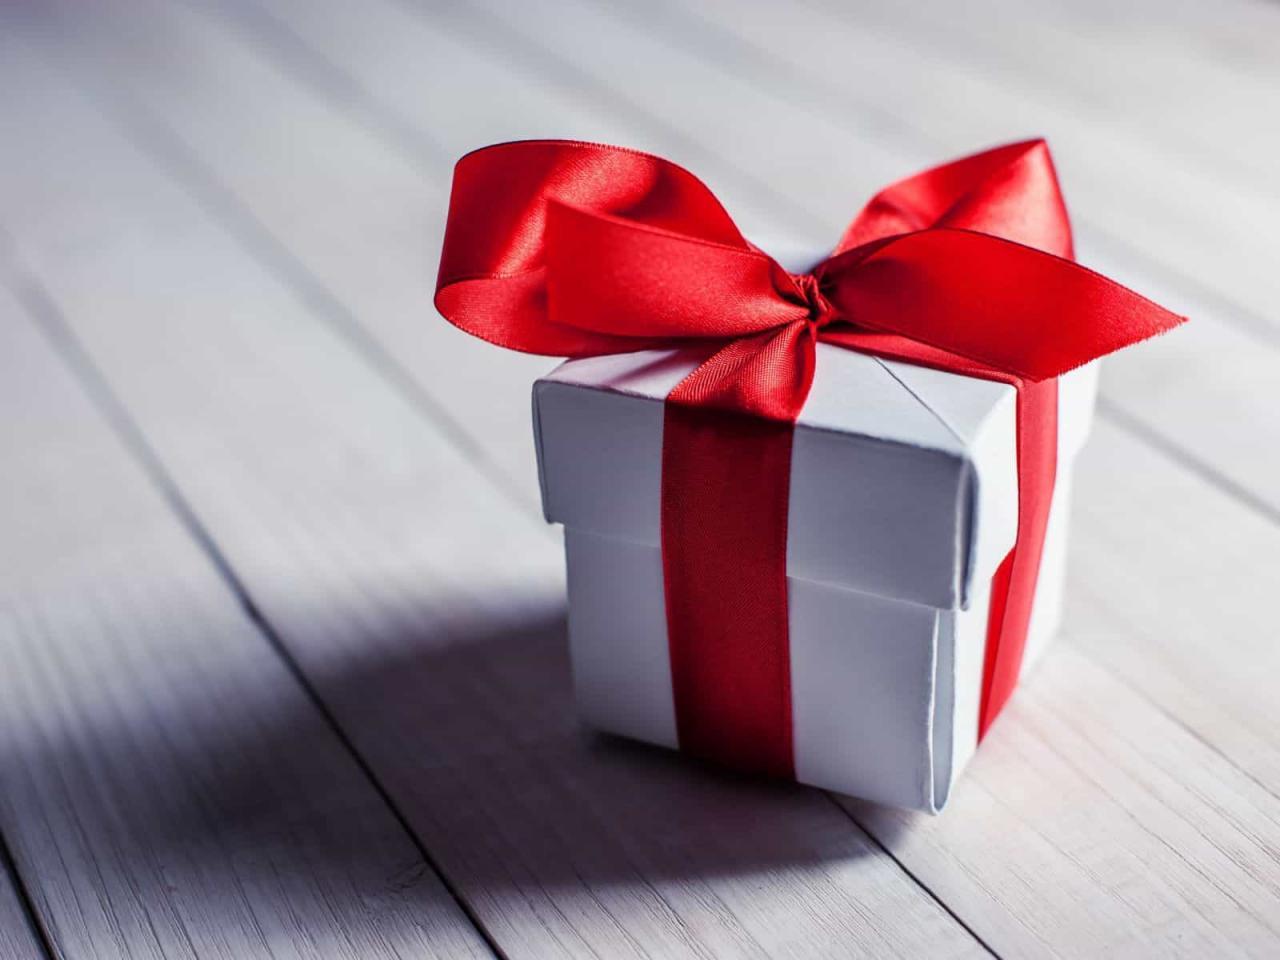 صورة كلام عن هديه , كلمات و عبارات عن الهدايا